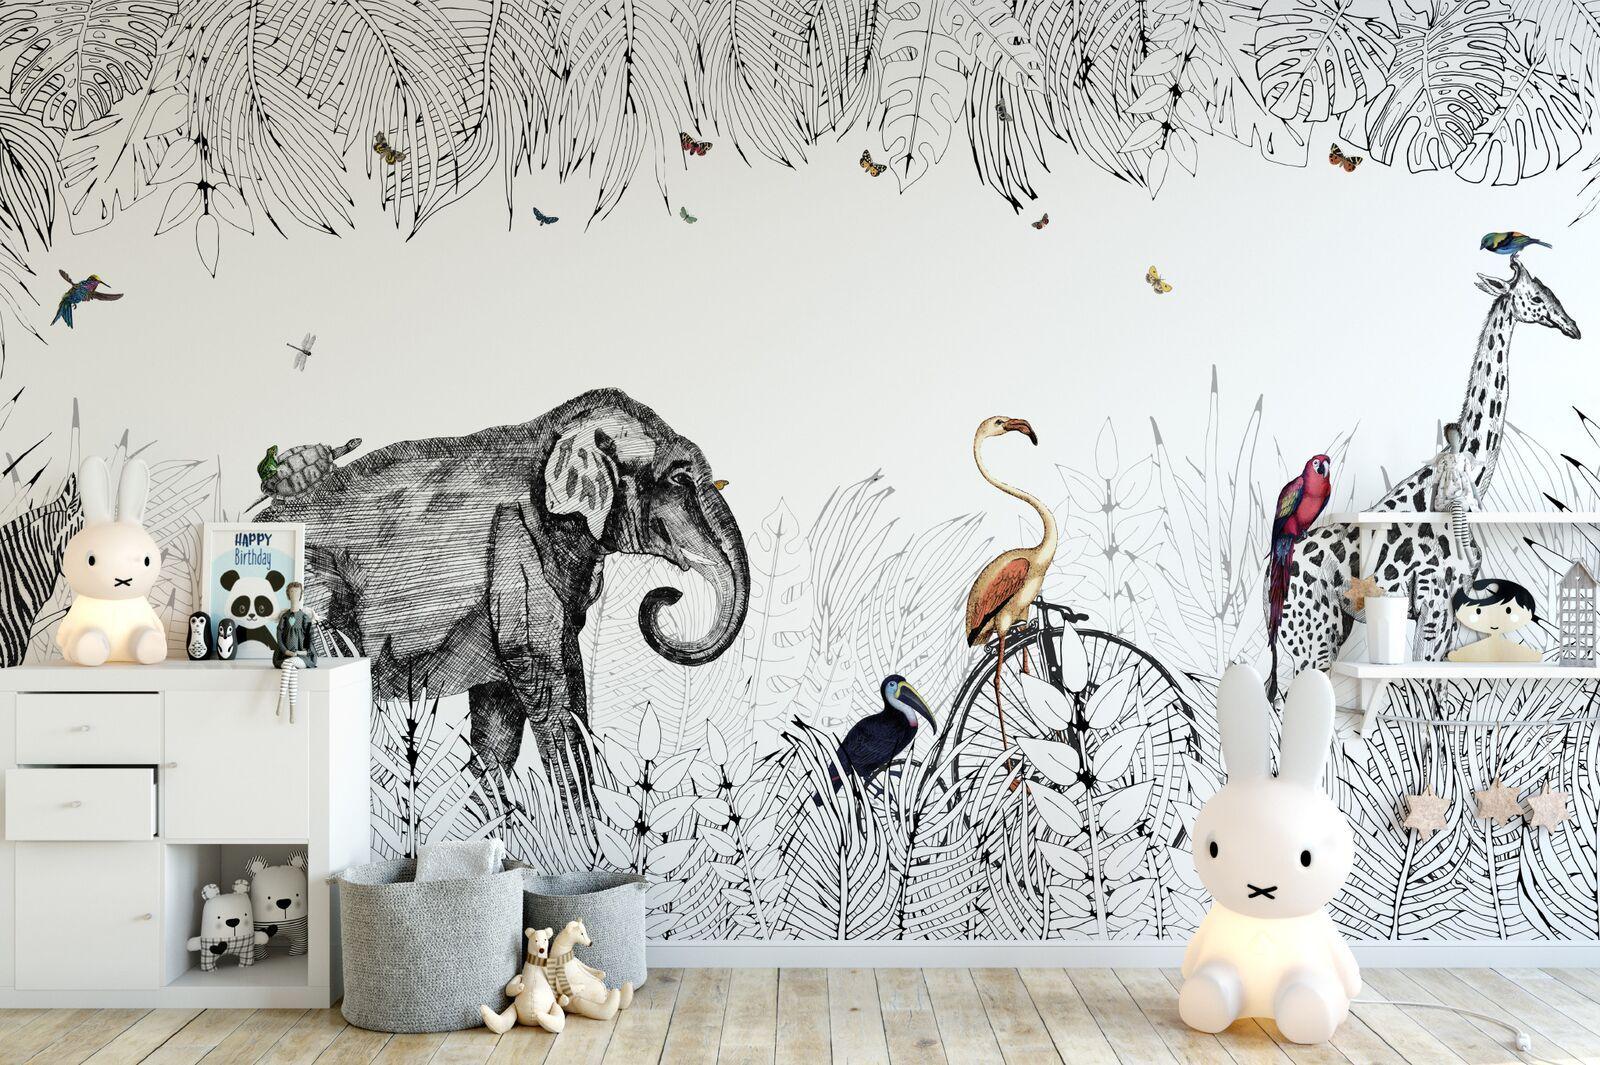 o trouver du joli papier peint pour une chambre d enfant d co id es. Black Bedroom Furniture Sets. Home Design Ideas